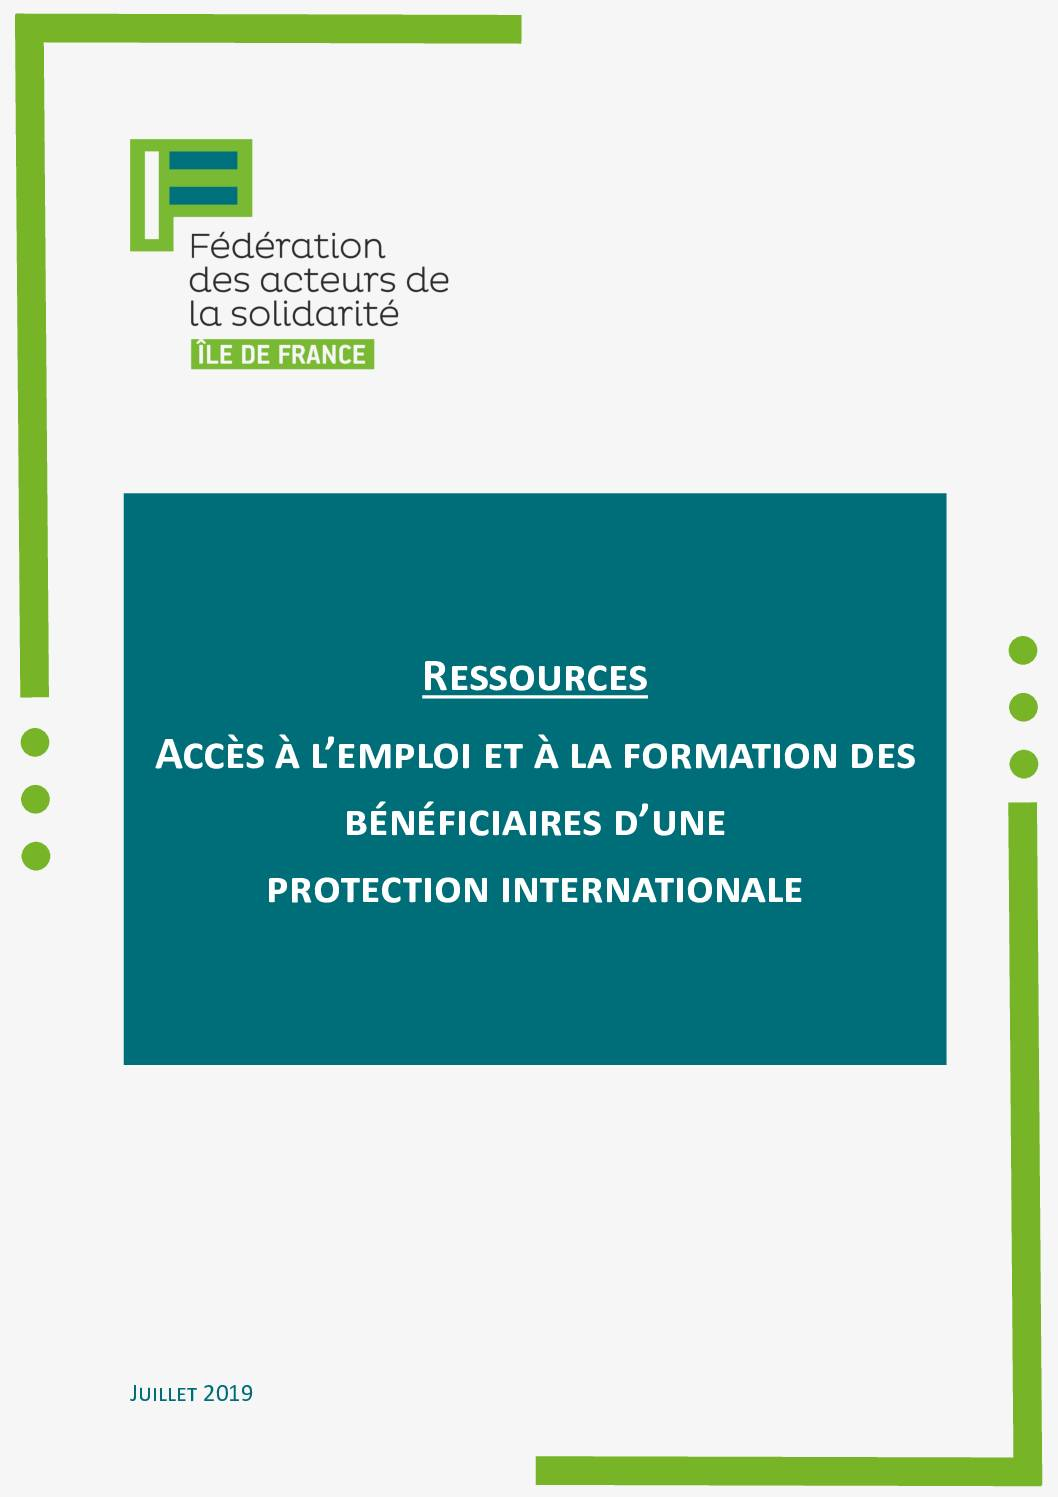 Guide accès à l'emploi et à la formation des bénéficiaires d'une protection internationale FAS IdF